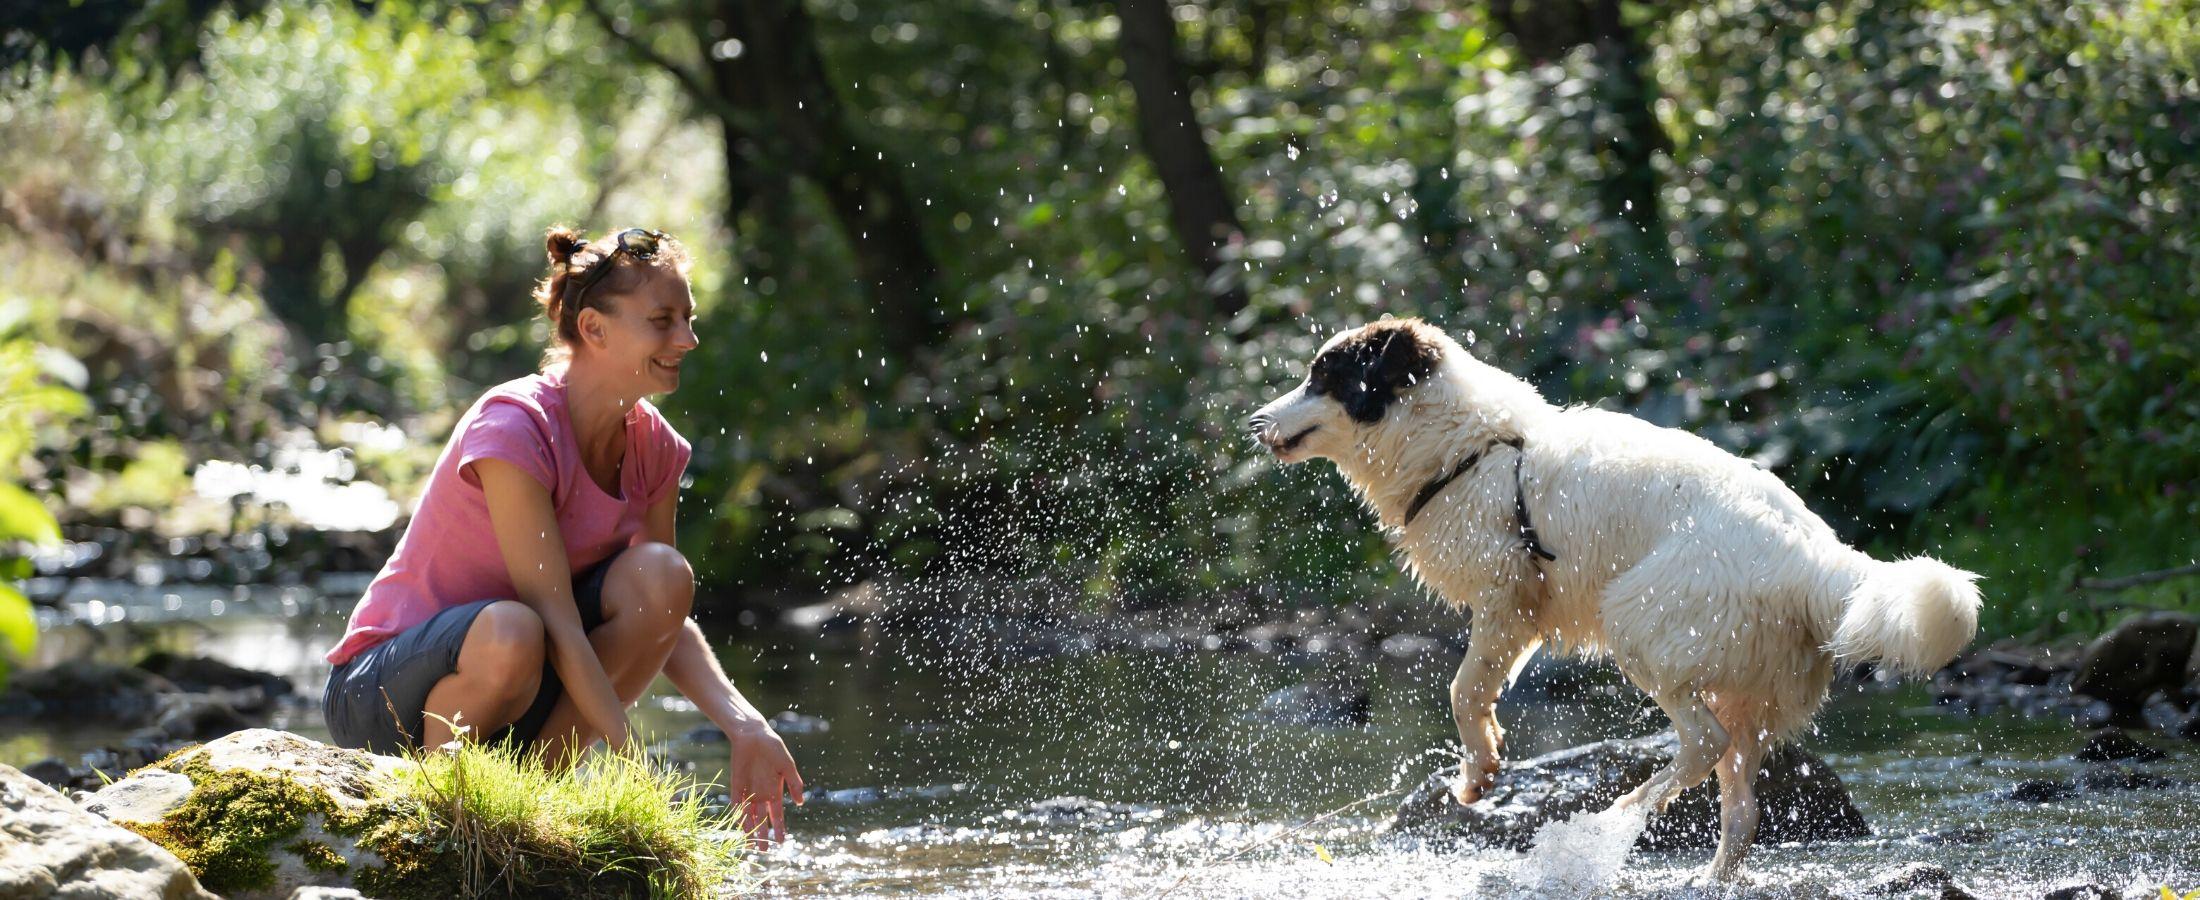 La canicule fait rage et votre chien aussi a besoin d'être au frais.